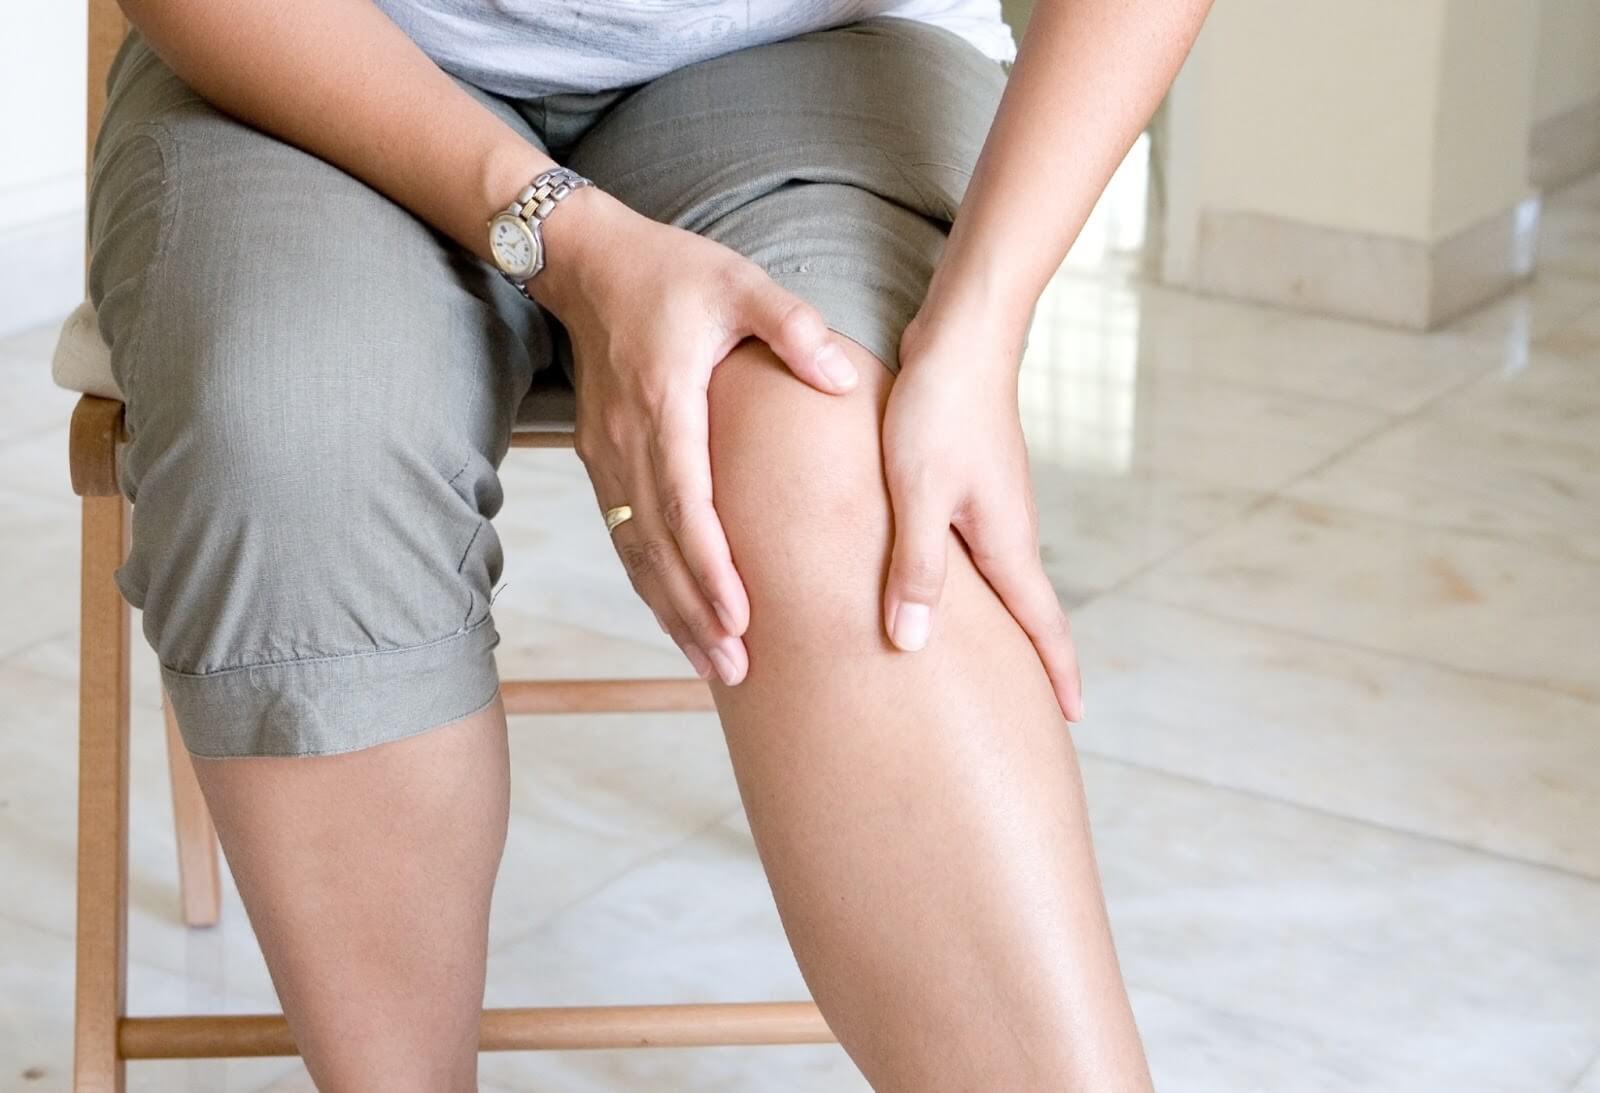 سفير كابل عطلة علاج الام الساقين عند النساء Comertinsaat Com